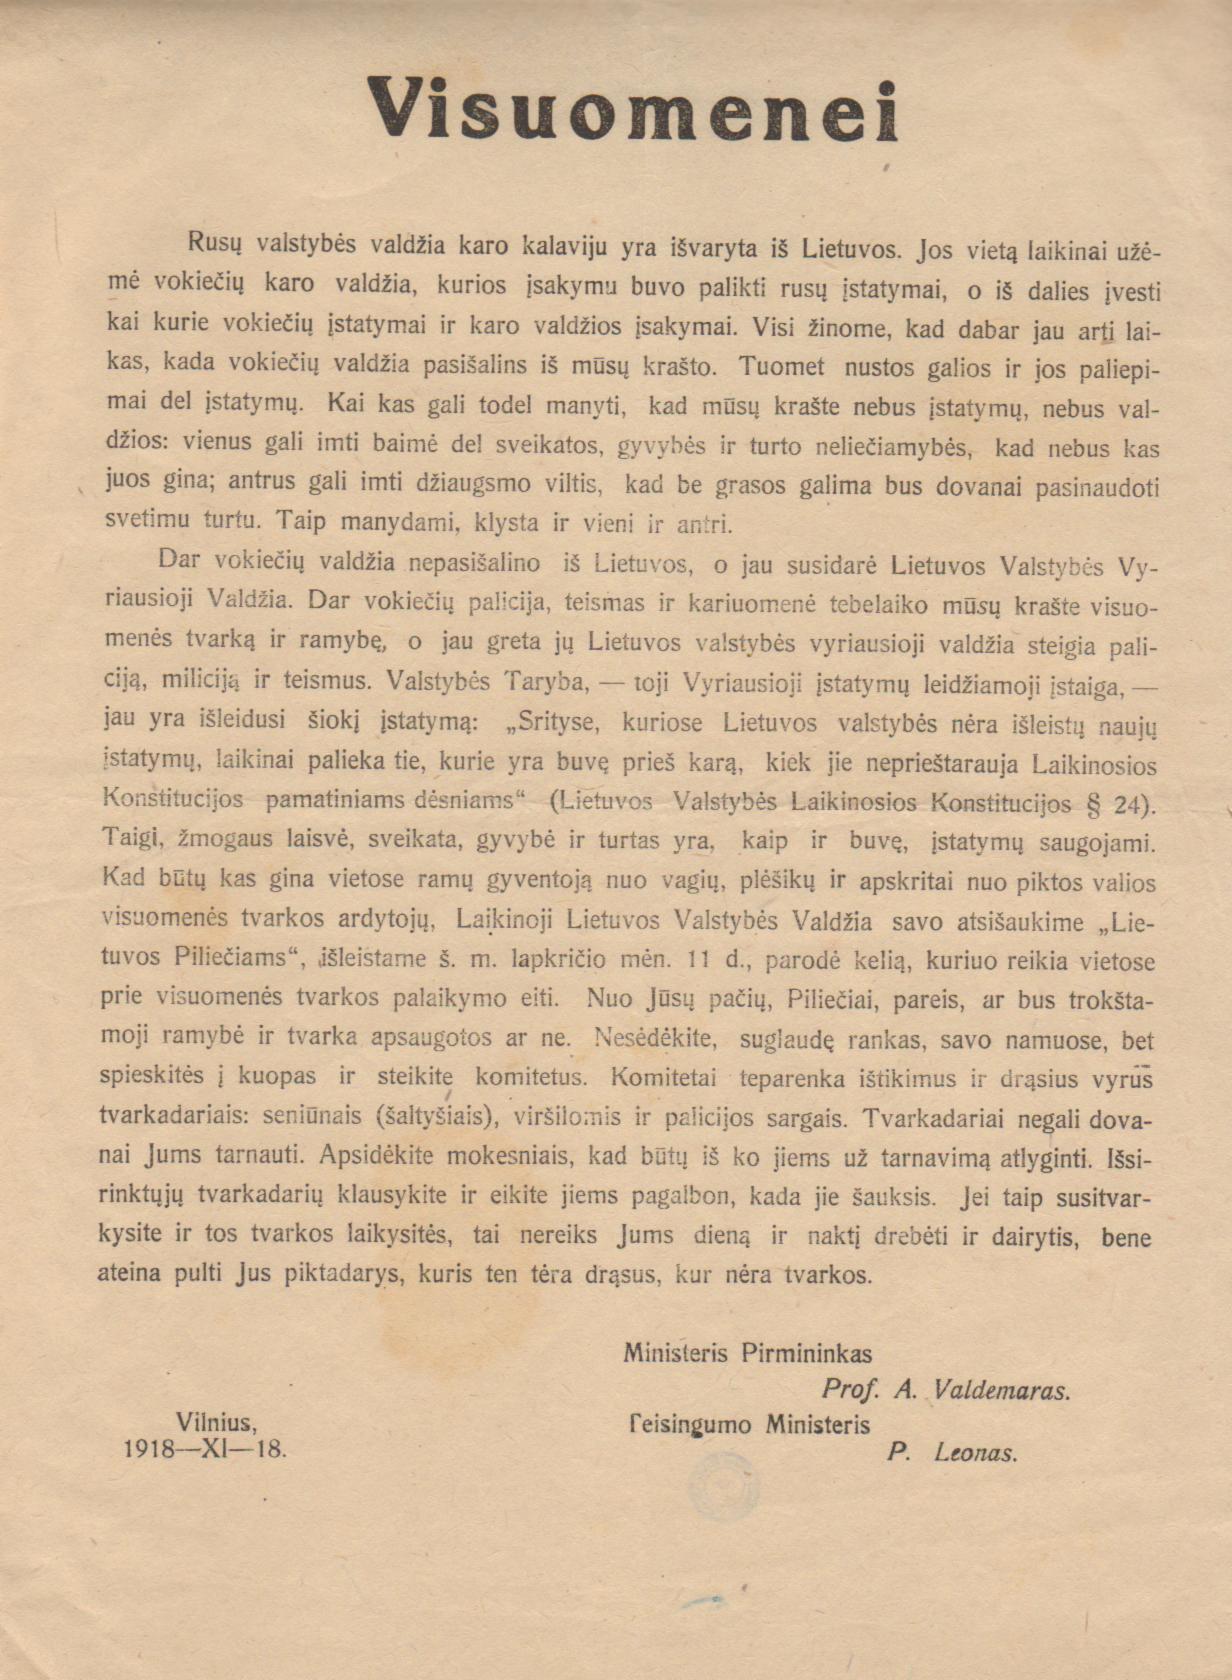 Atsišaukimas visuomenei, 1918 m. | Lietuvos mokslų akademijos Vrublevskių bibliotekos nuotr.